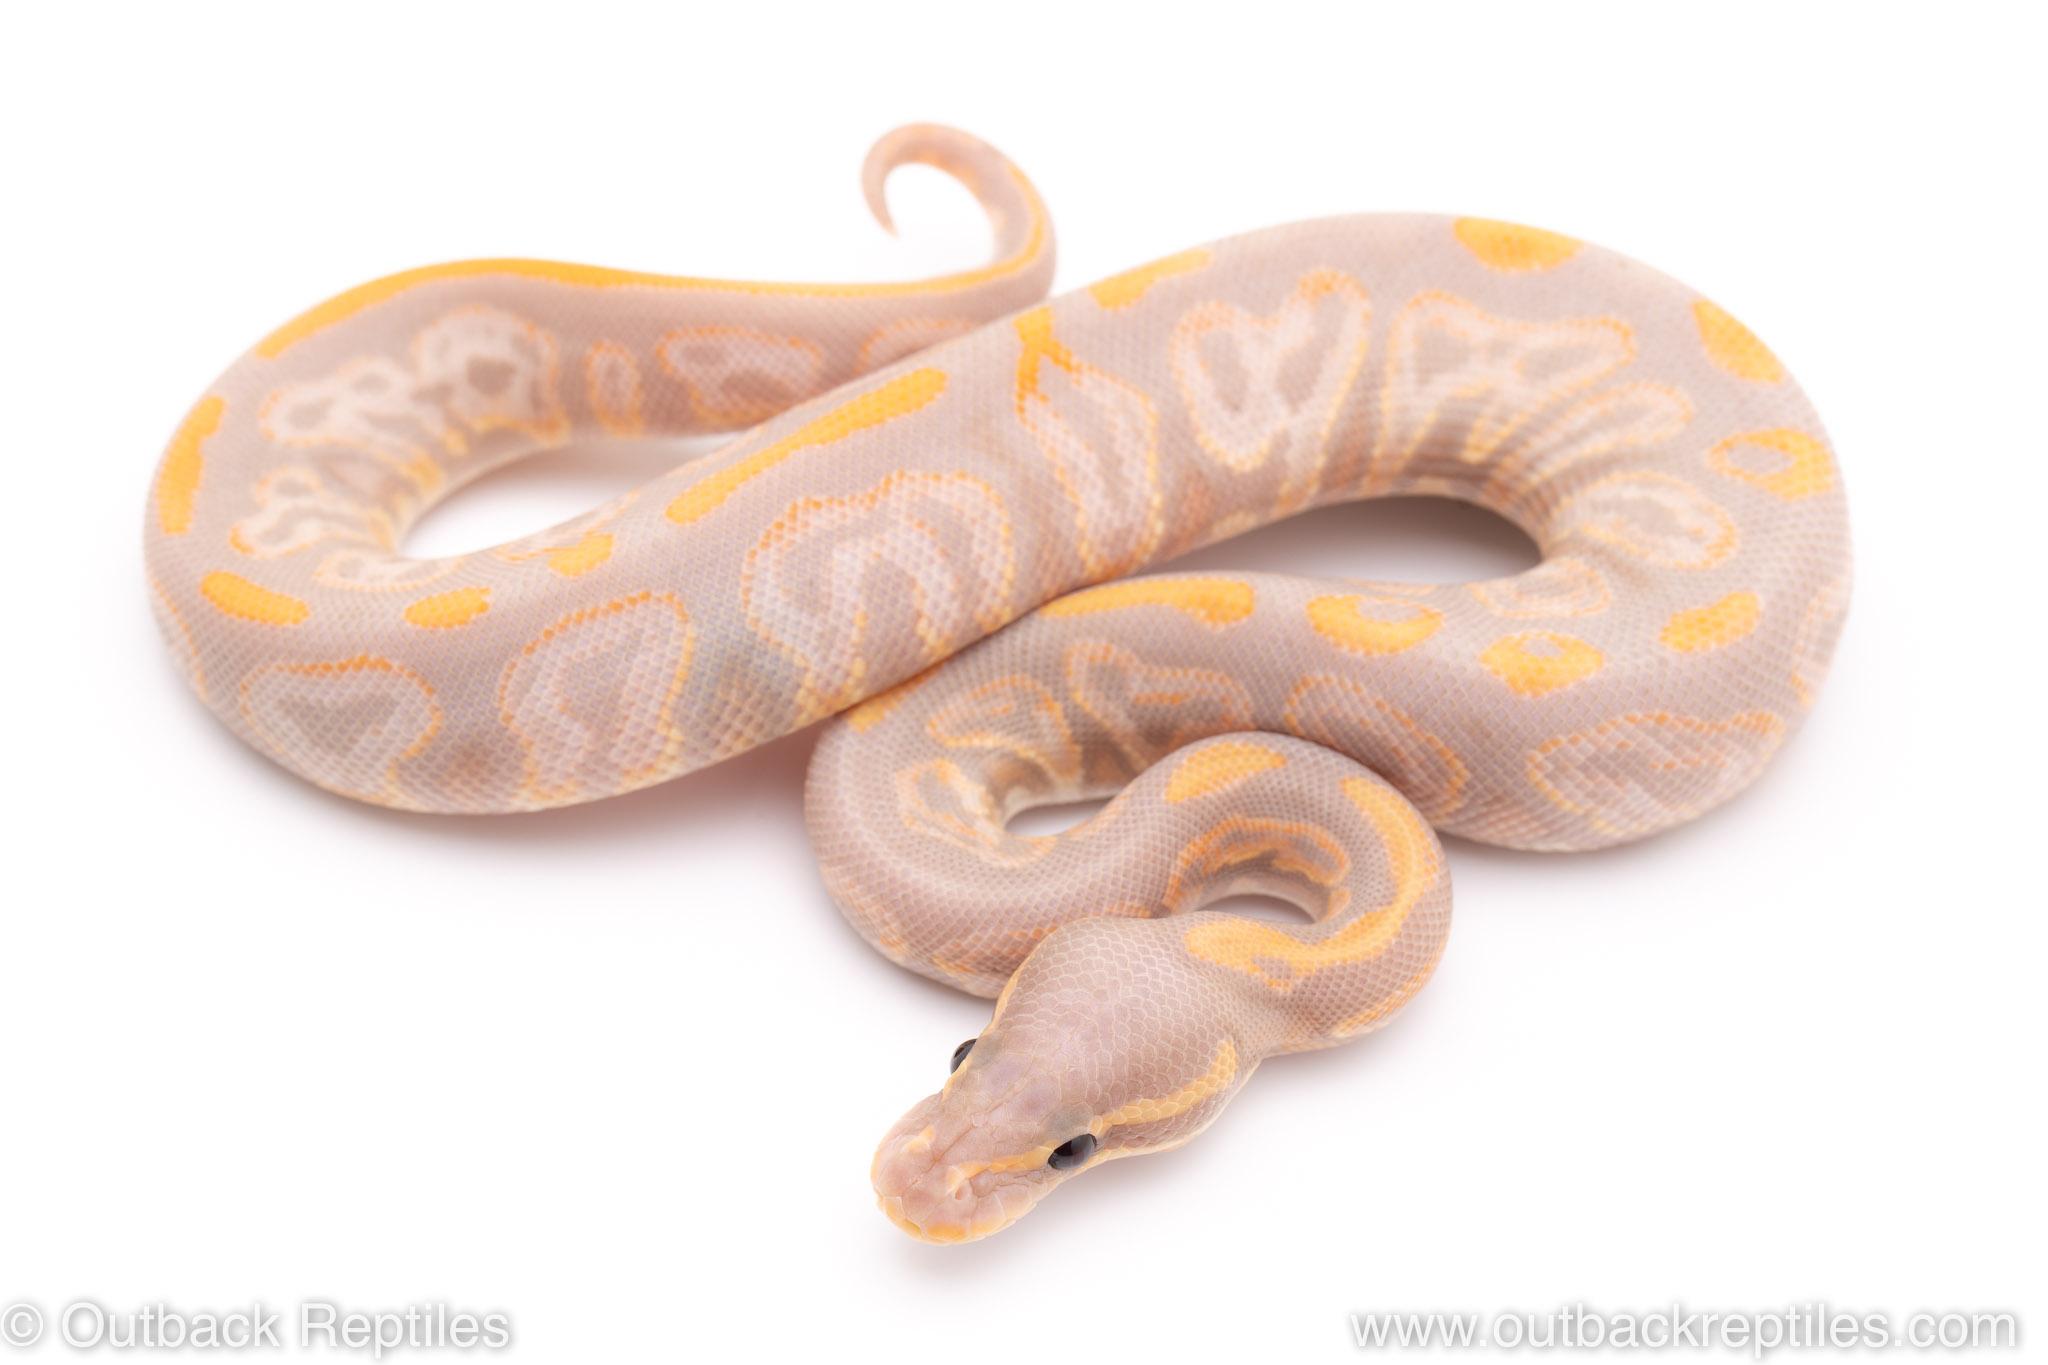 Banana Black Pastel ball python for sale